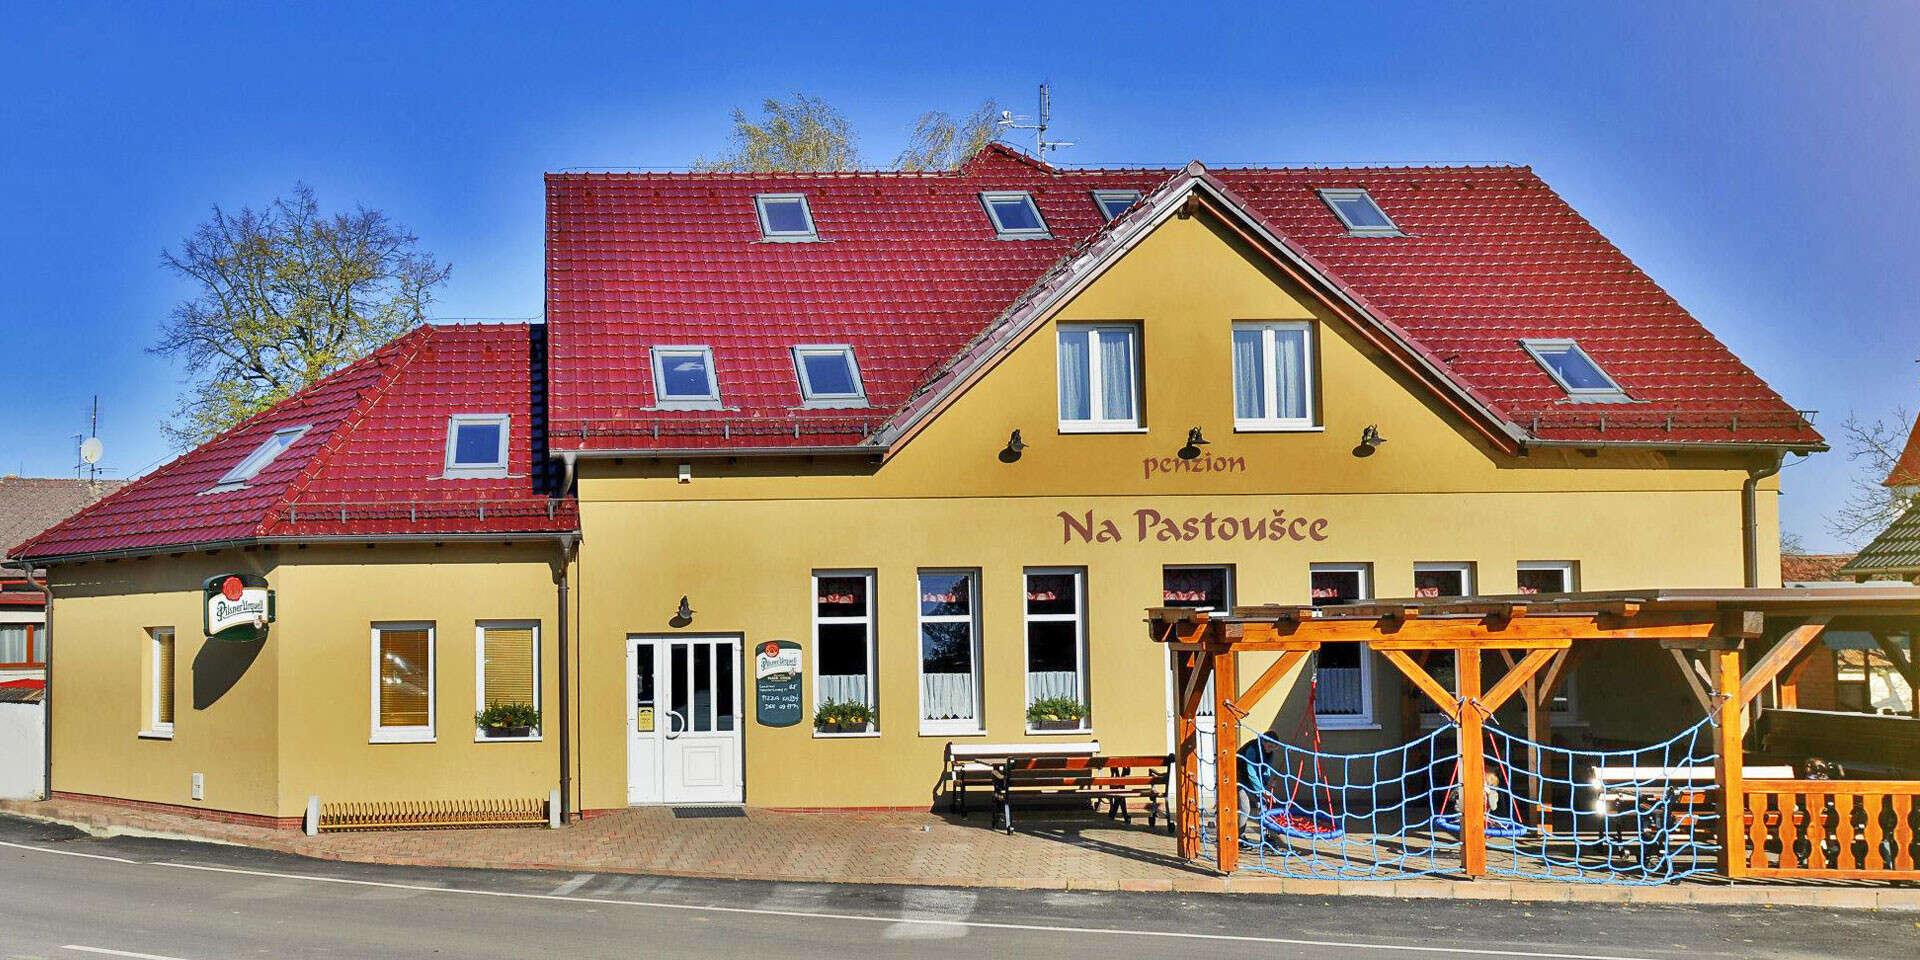 Ráj v jižních Čechách: oblíbený Penzion Na Pastoušce se snídaní, lahví vína a vyhlášenou kuchyní, děti do 5 let zdarma